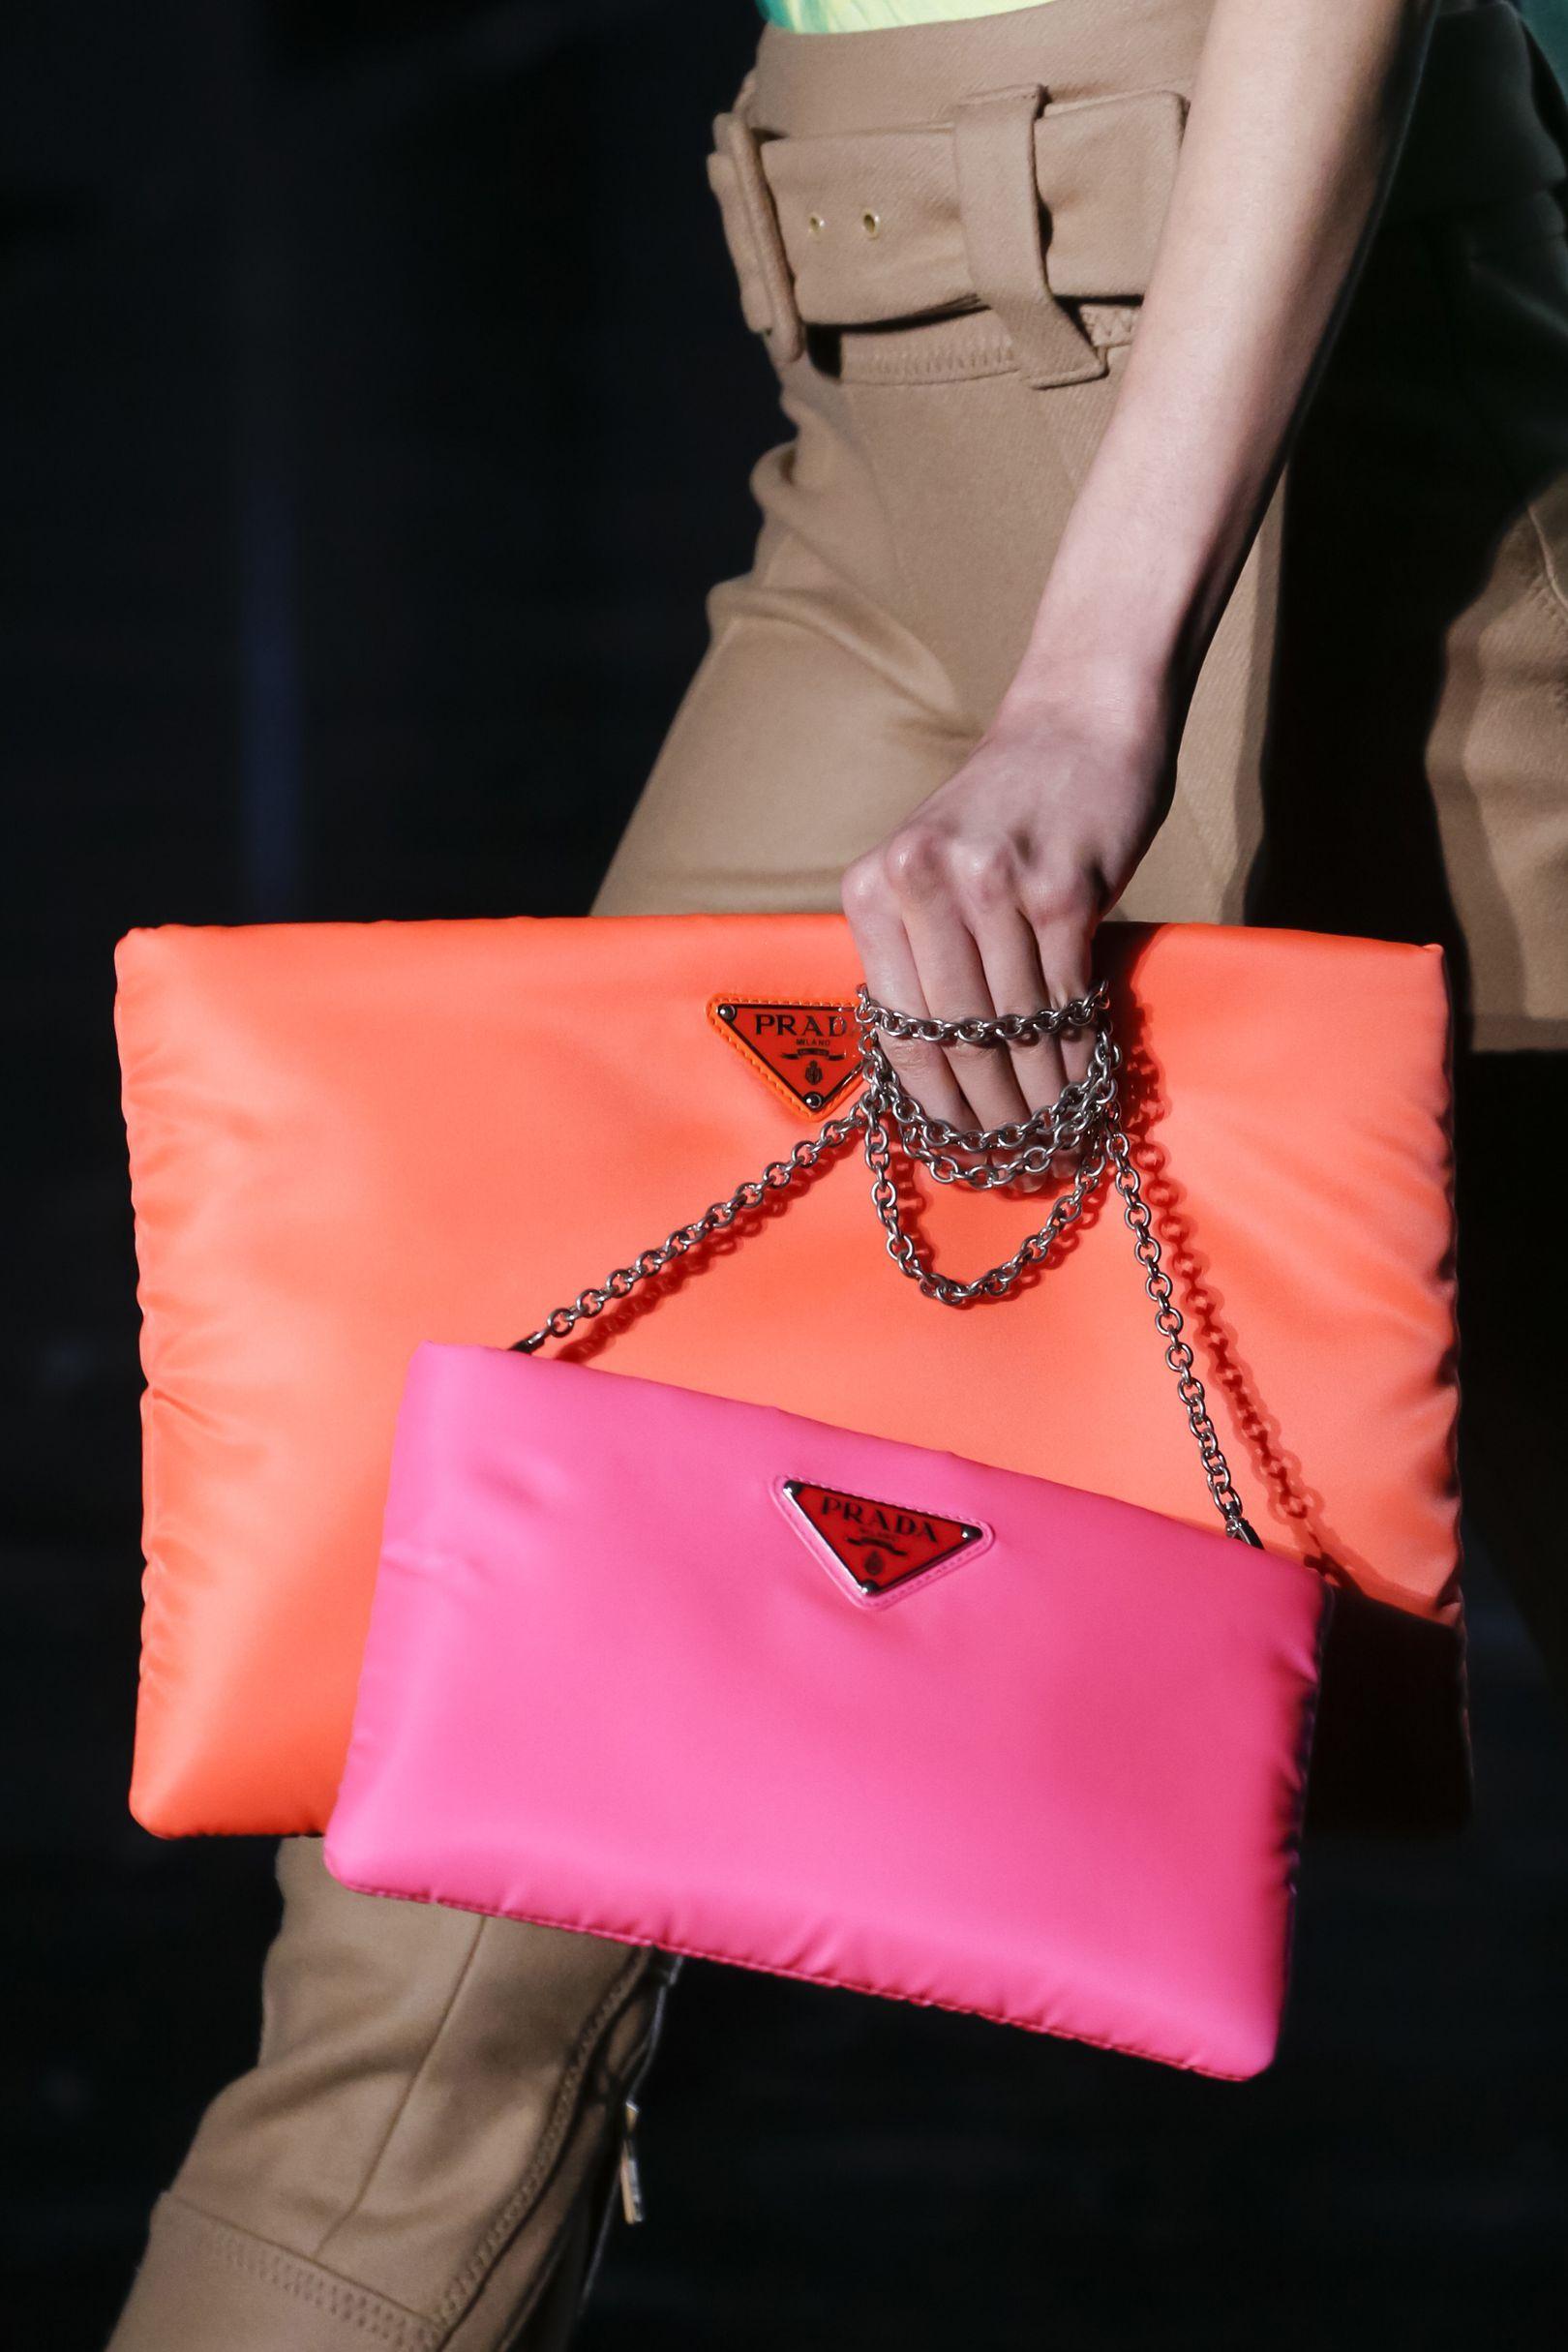 6ebcb82599809f Prada's 10 Fashion Commandments | Stylish | Prada bag, Bags, Prada ...